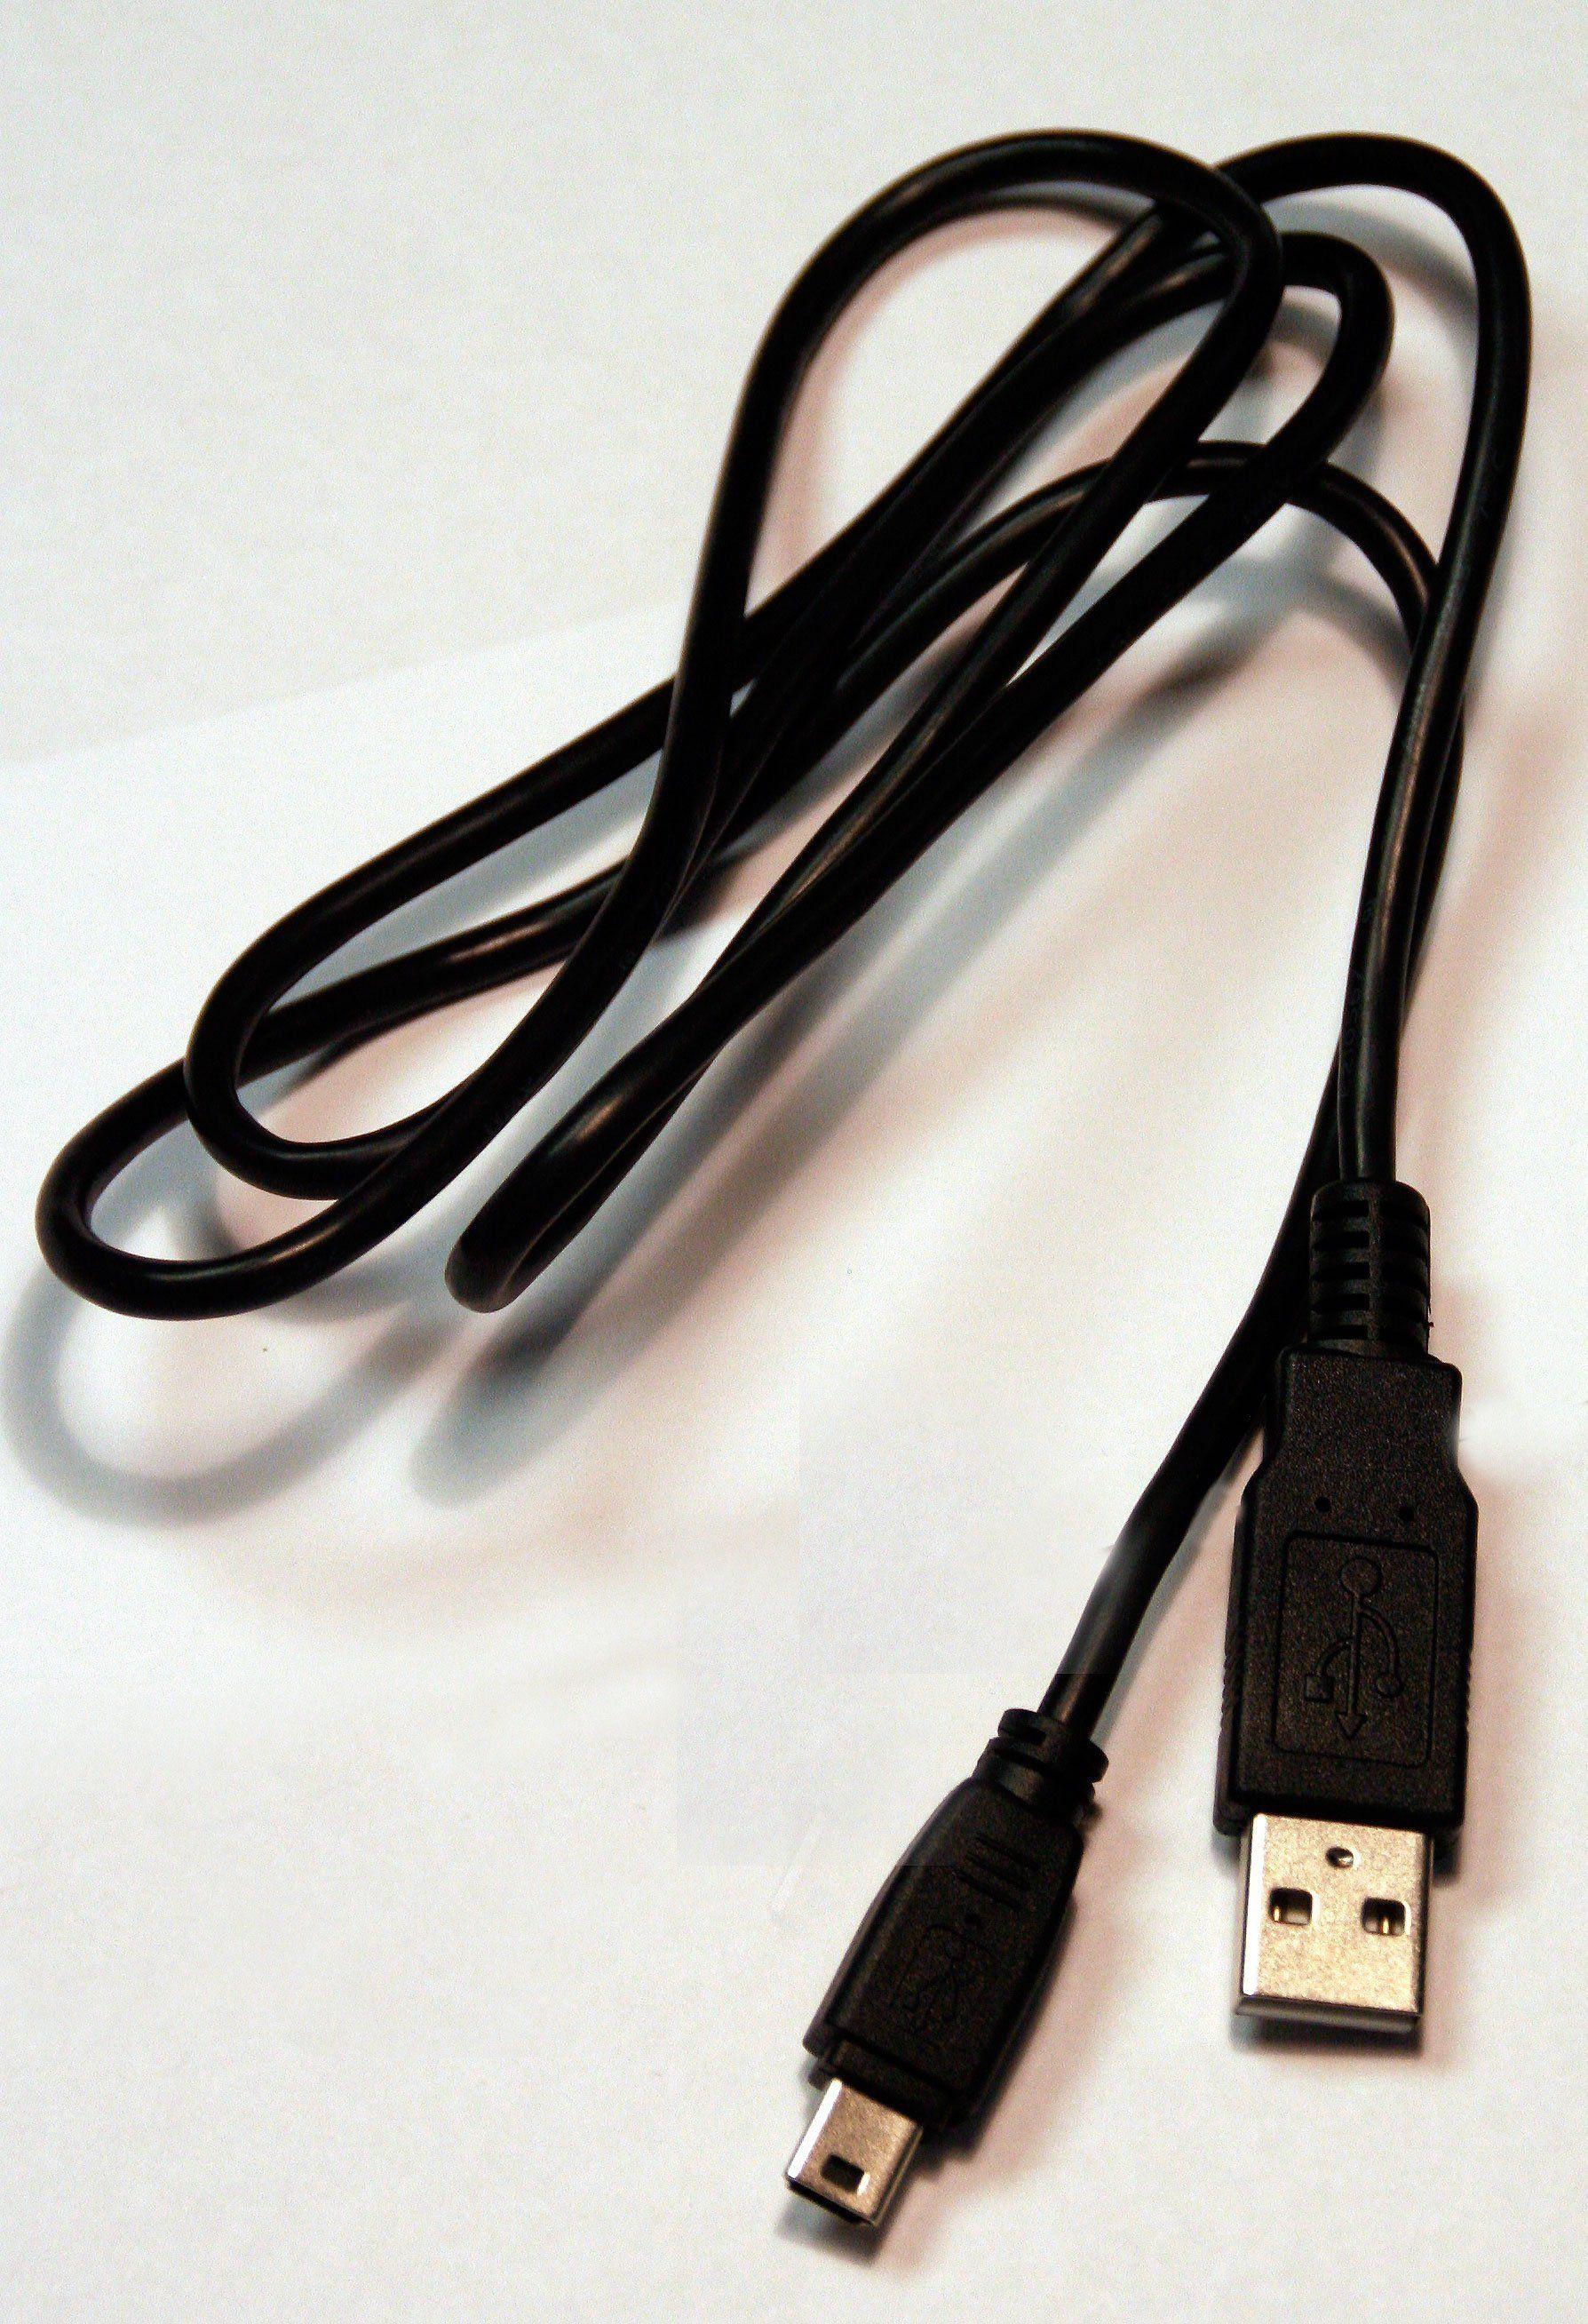 Snooper Sat Nav, My Speed, DVR. 1M USB To Mini USB